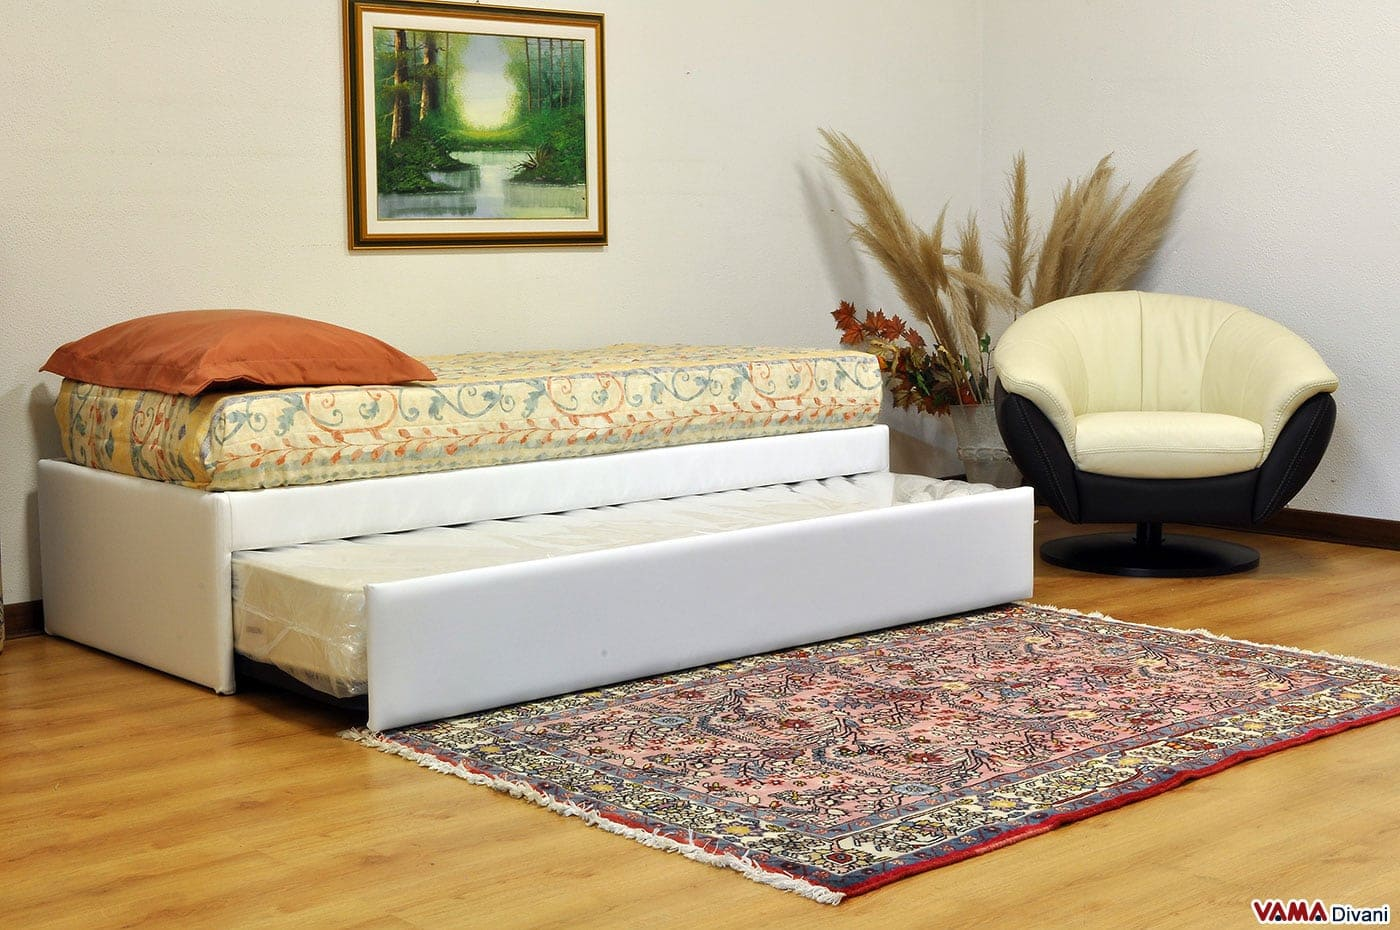 letto singolo con letto estraibile, con materassi alti 20 cm - Letti A Scomparsa Usati